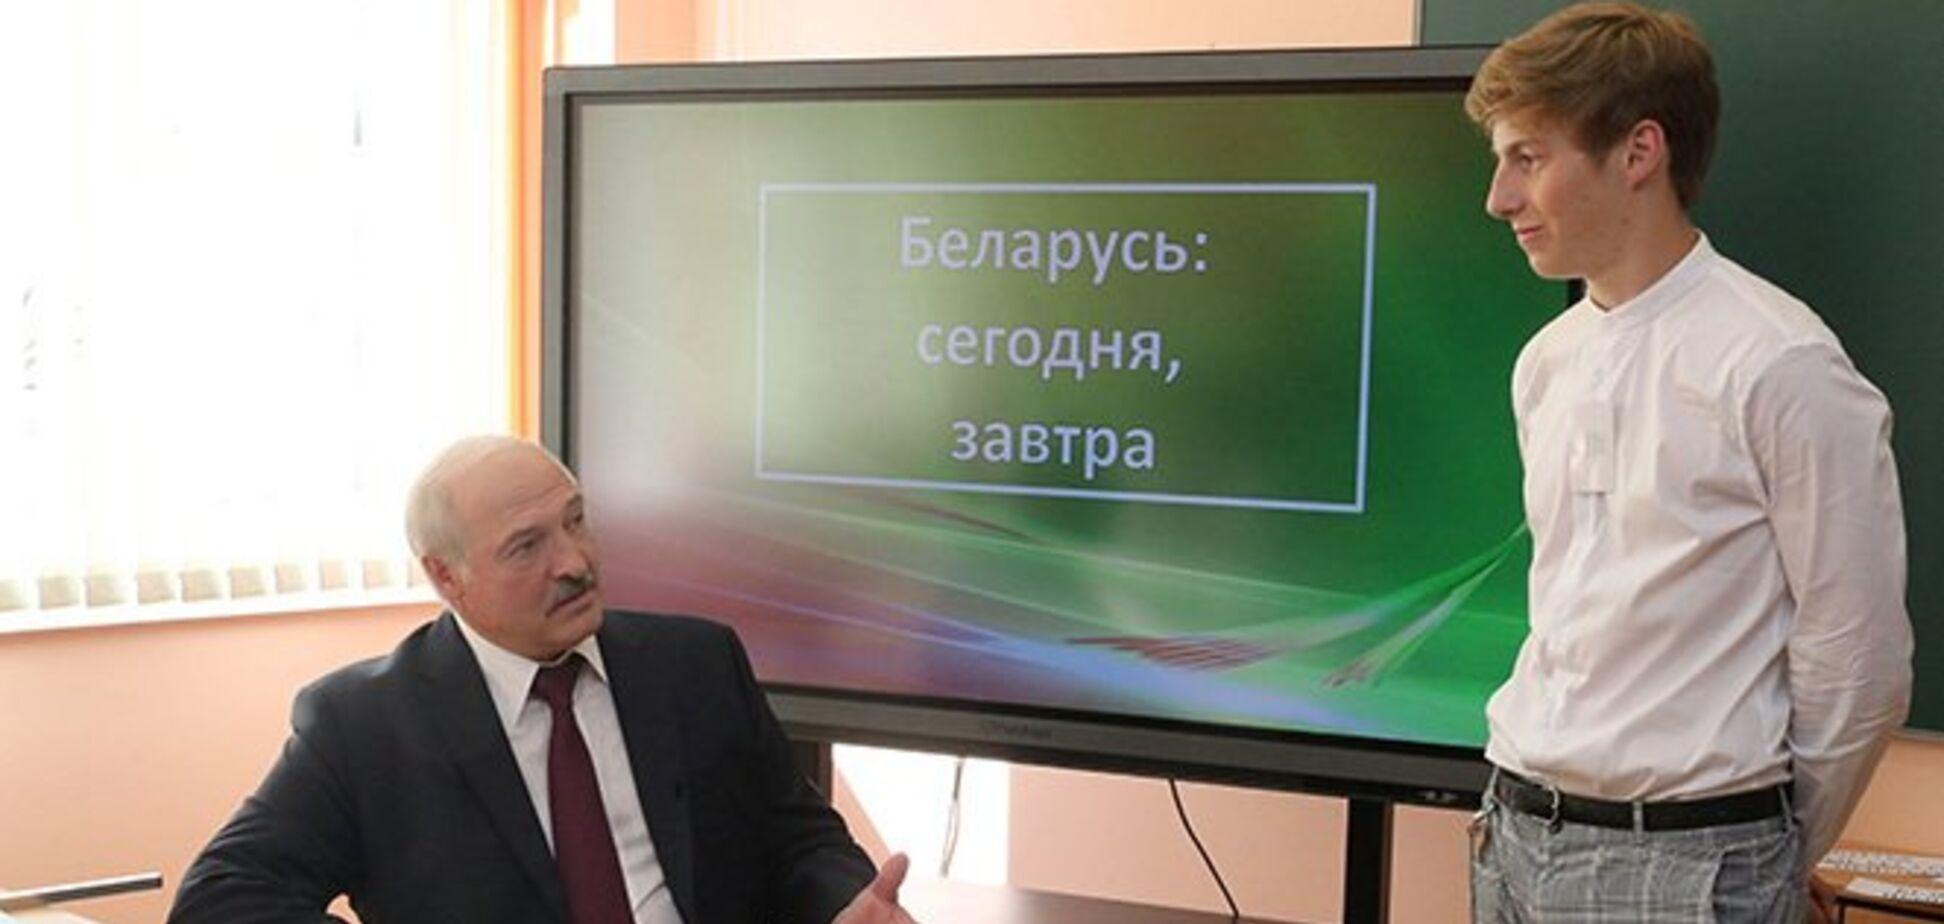 Лукашенко назвав 'мотлохом' вищу математику і наказав її прибрати